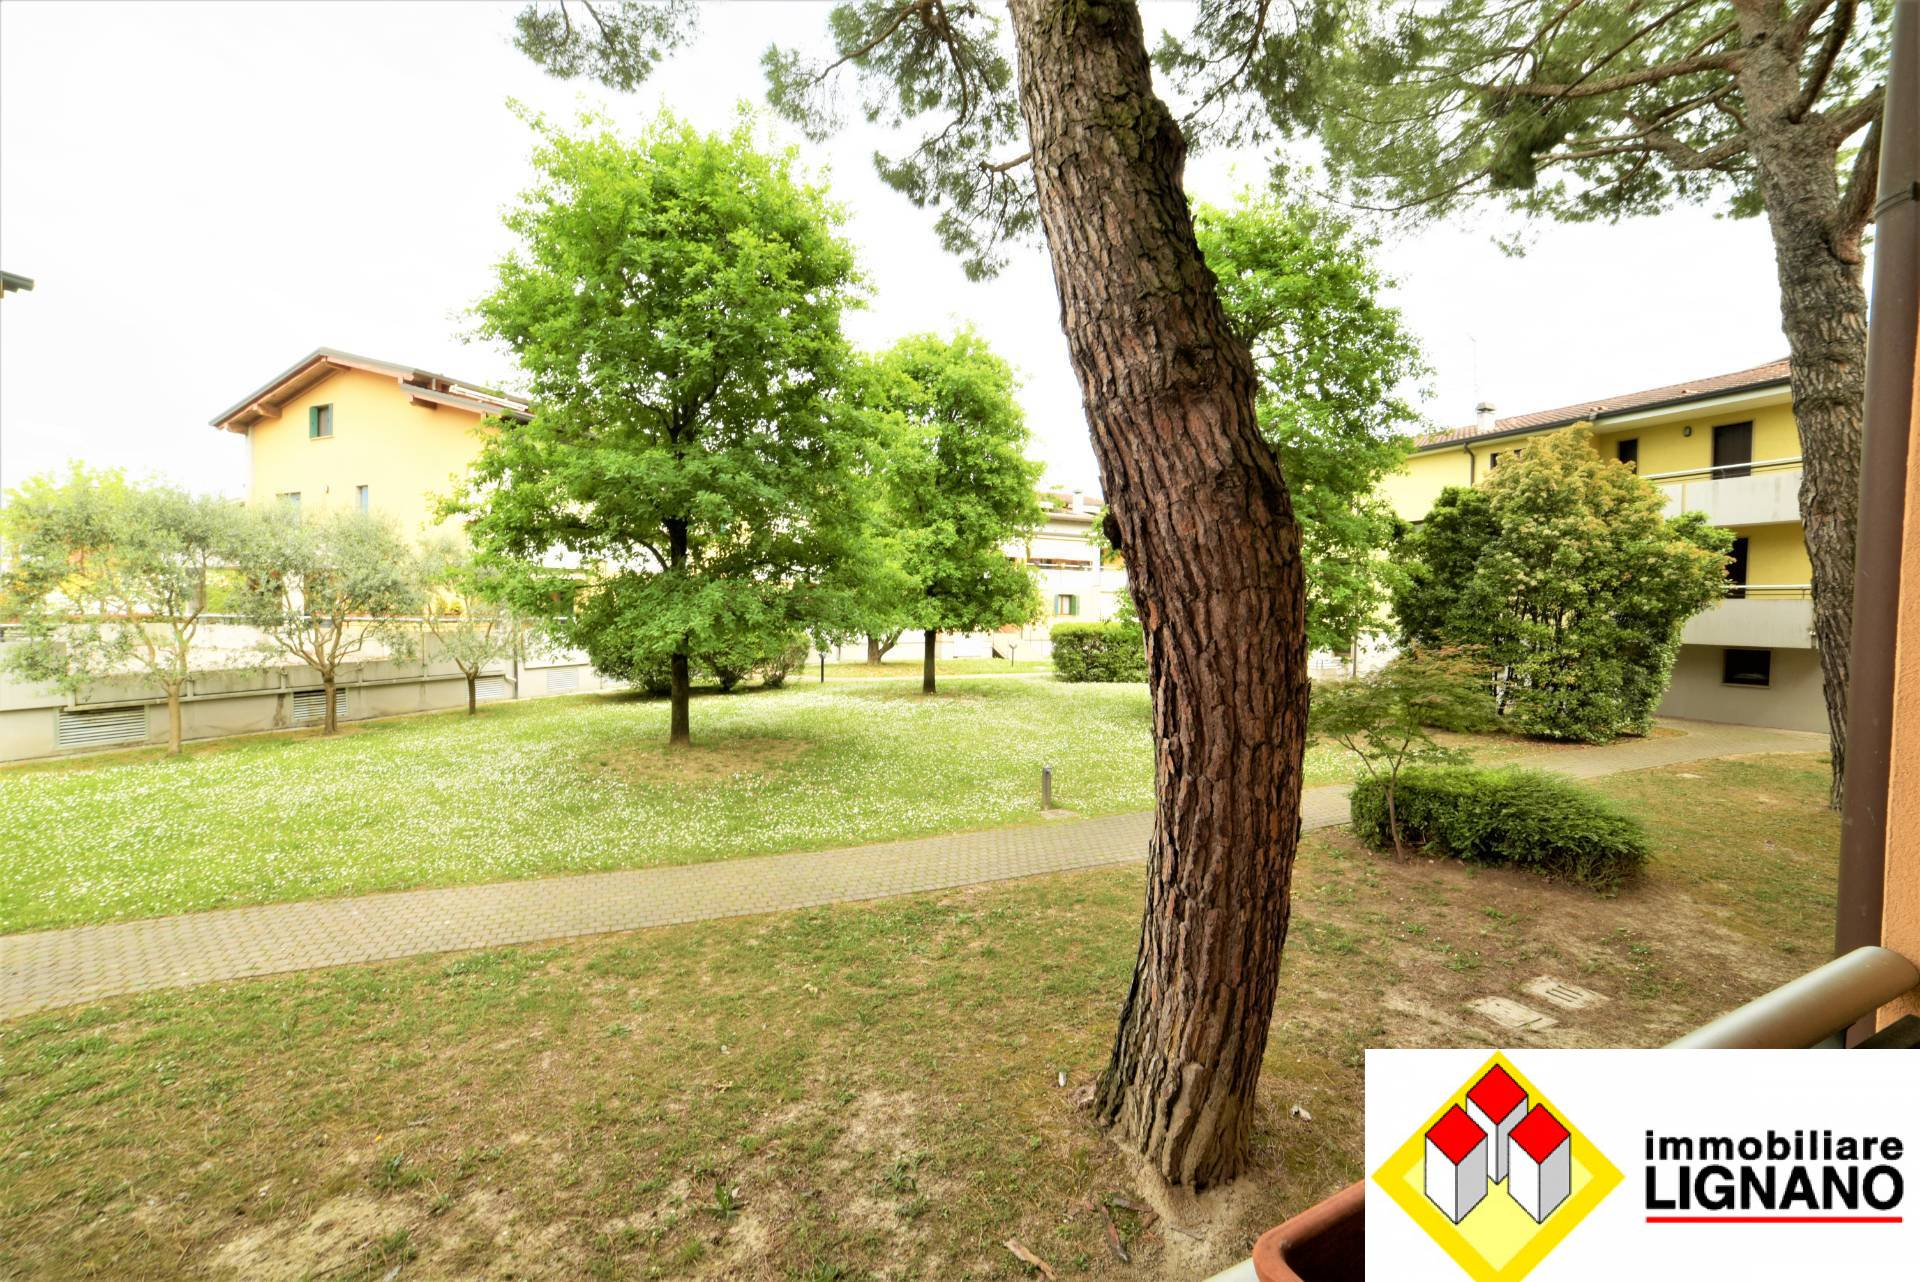 Appartamento in vendita a Latisana, 4 locali, zona Località: Centro, prezzo € 165.000 | PortaleAgenzieImmobiliari.it